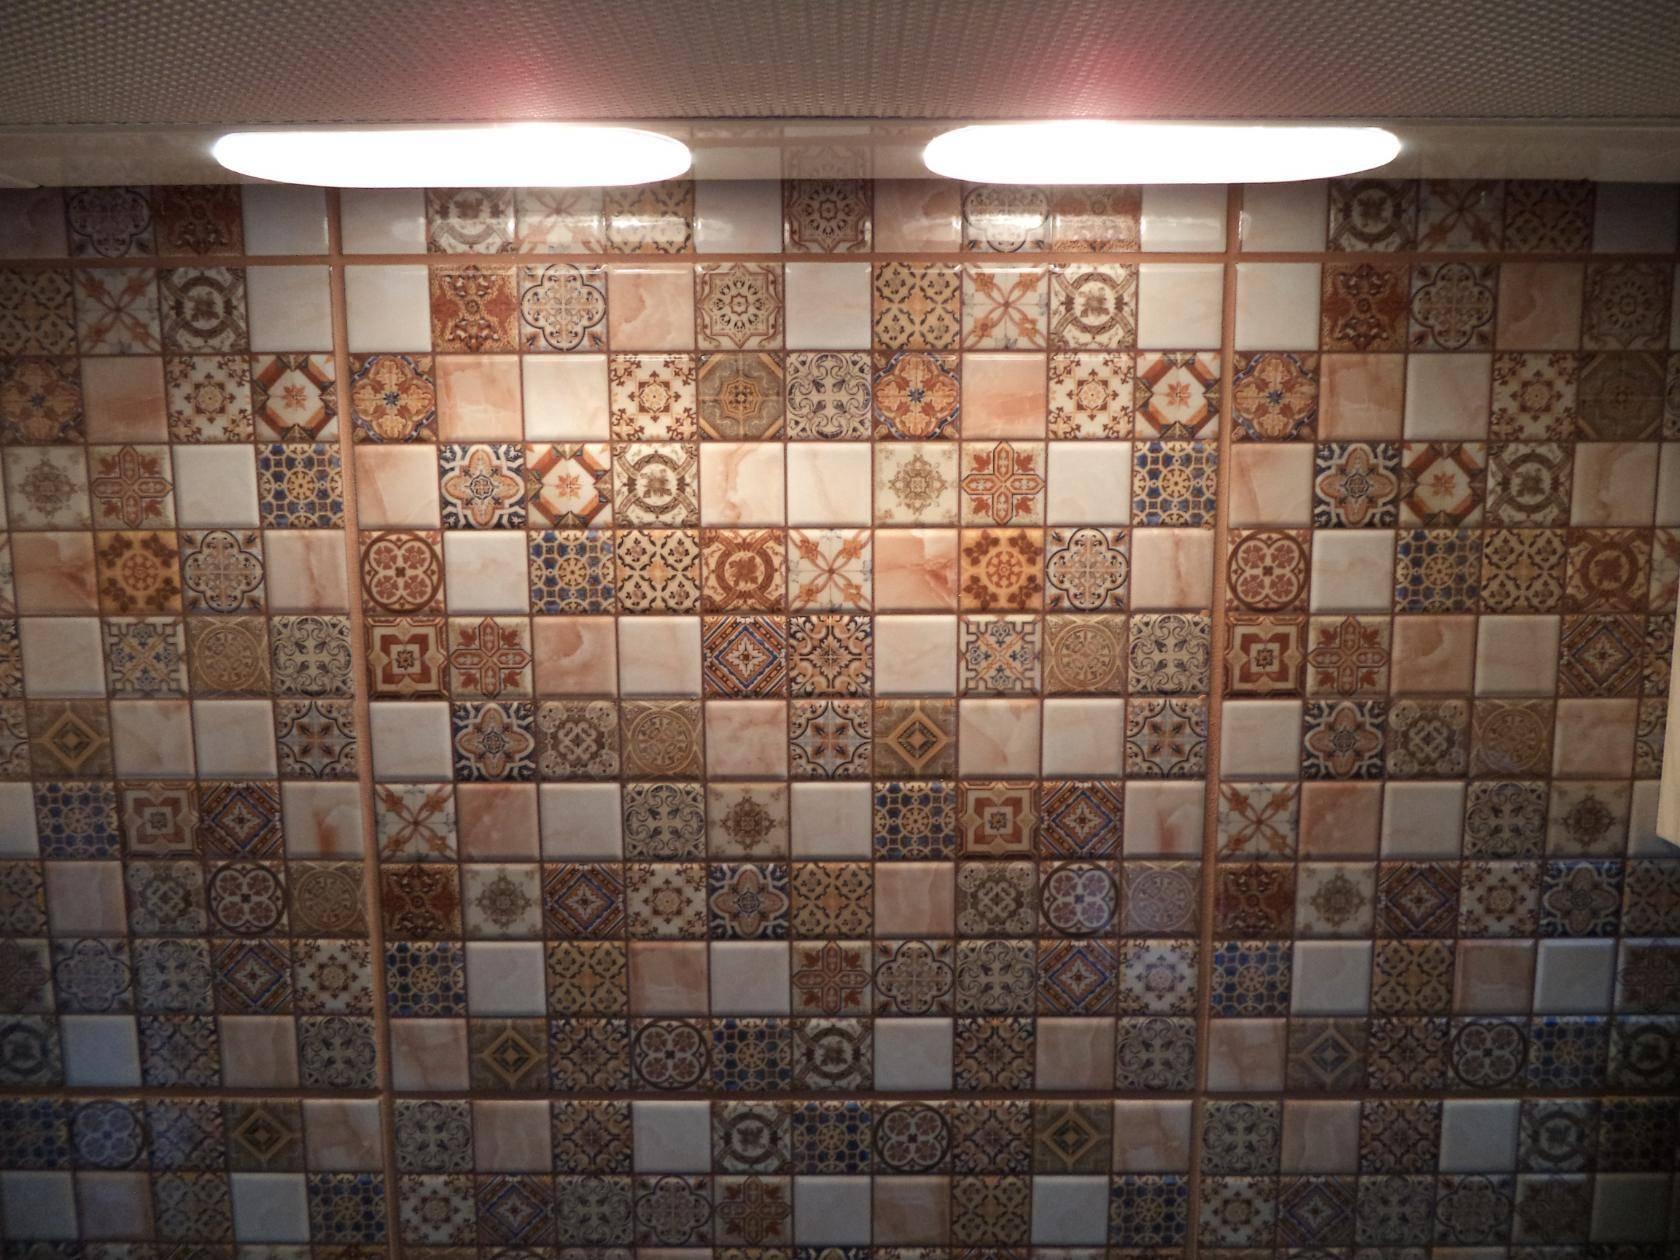 Мозаика в интерьере: 80+ фото, идеи облицовки стен, пола, предметов интерьера